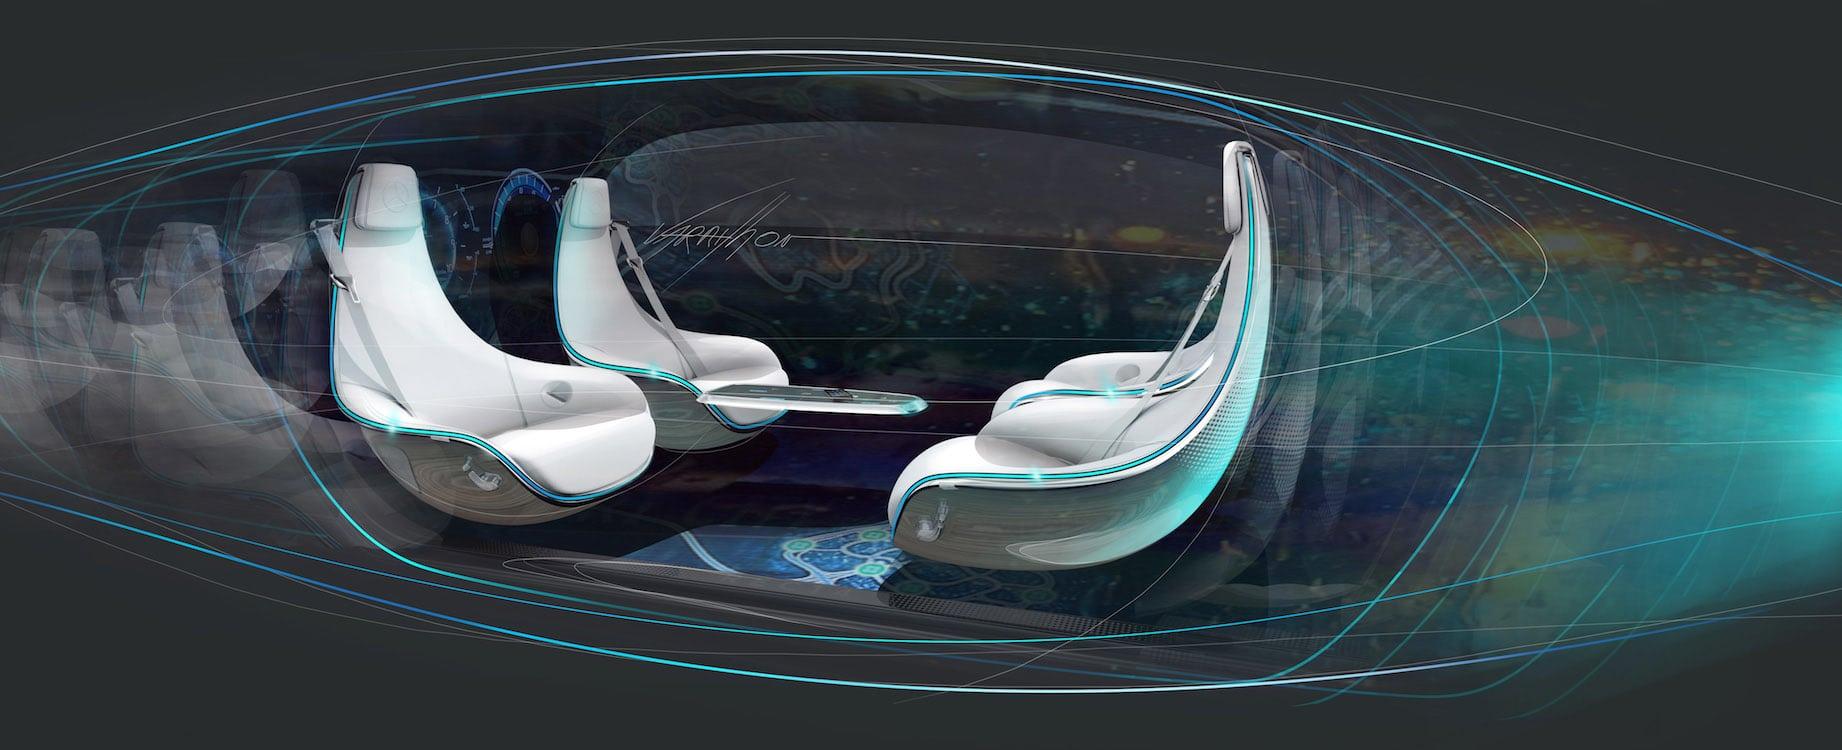 mercedes hints at driverless car interiors mercedes autonomous interior two. Black Bedroom Furniture Sets. Home Design Ideas